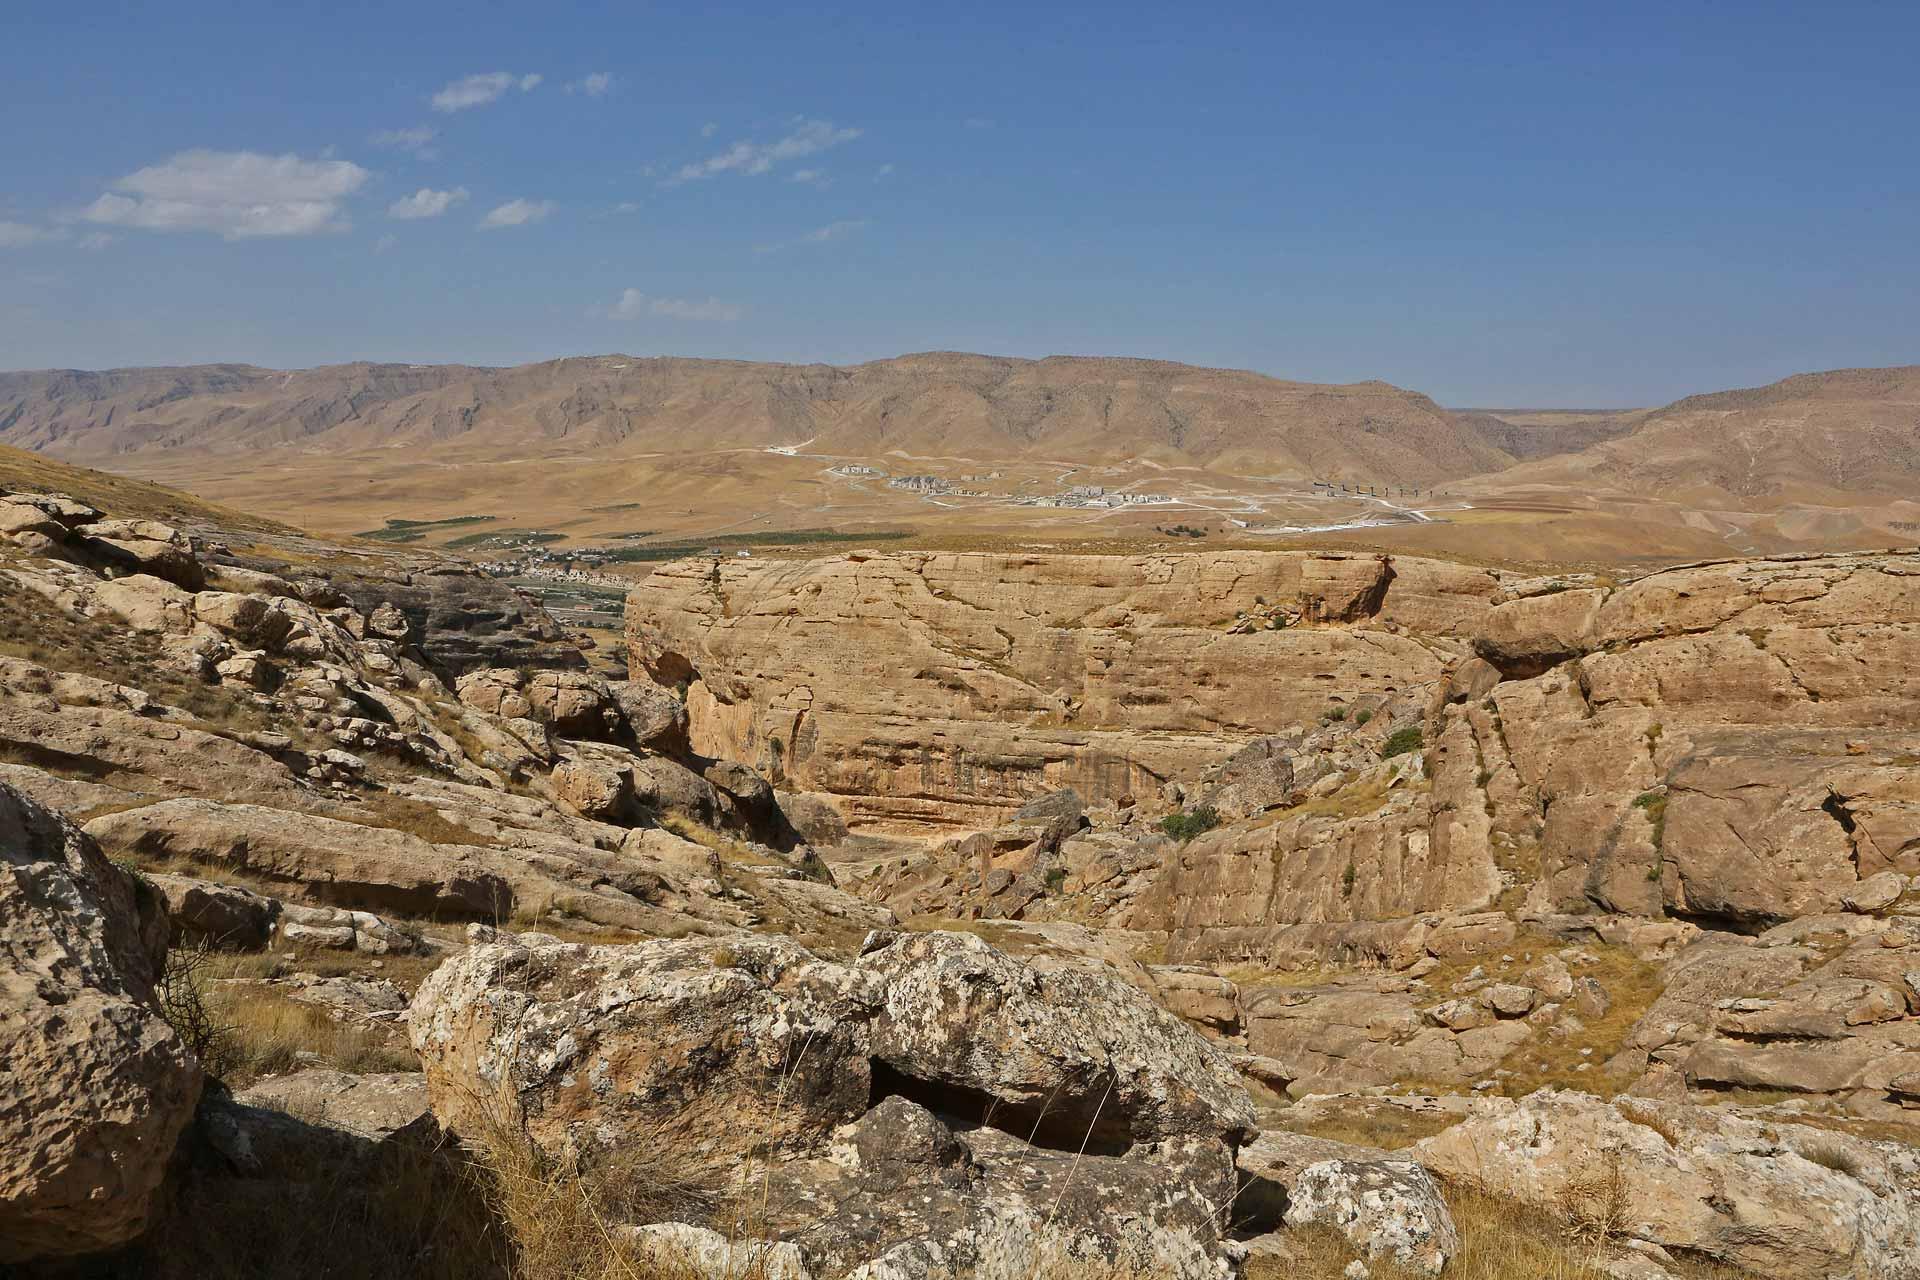 Am gegenüberliegenden Berghang liegt Yeni-Hasankeyf und die noch im Bau befindliche neue Straße, welche oberhalb des Stausees entlang führen wird...